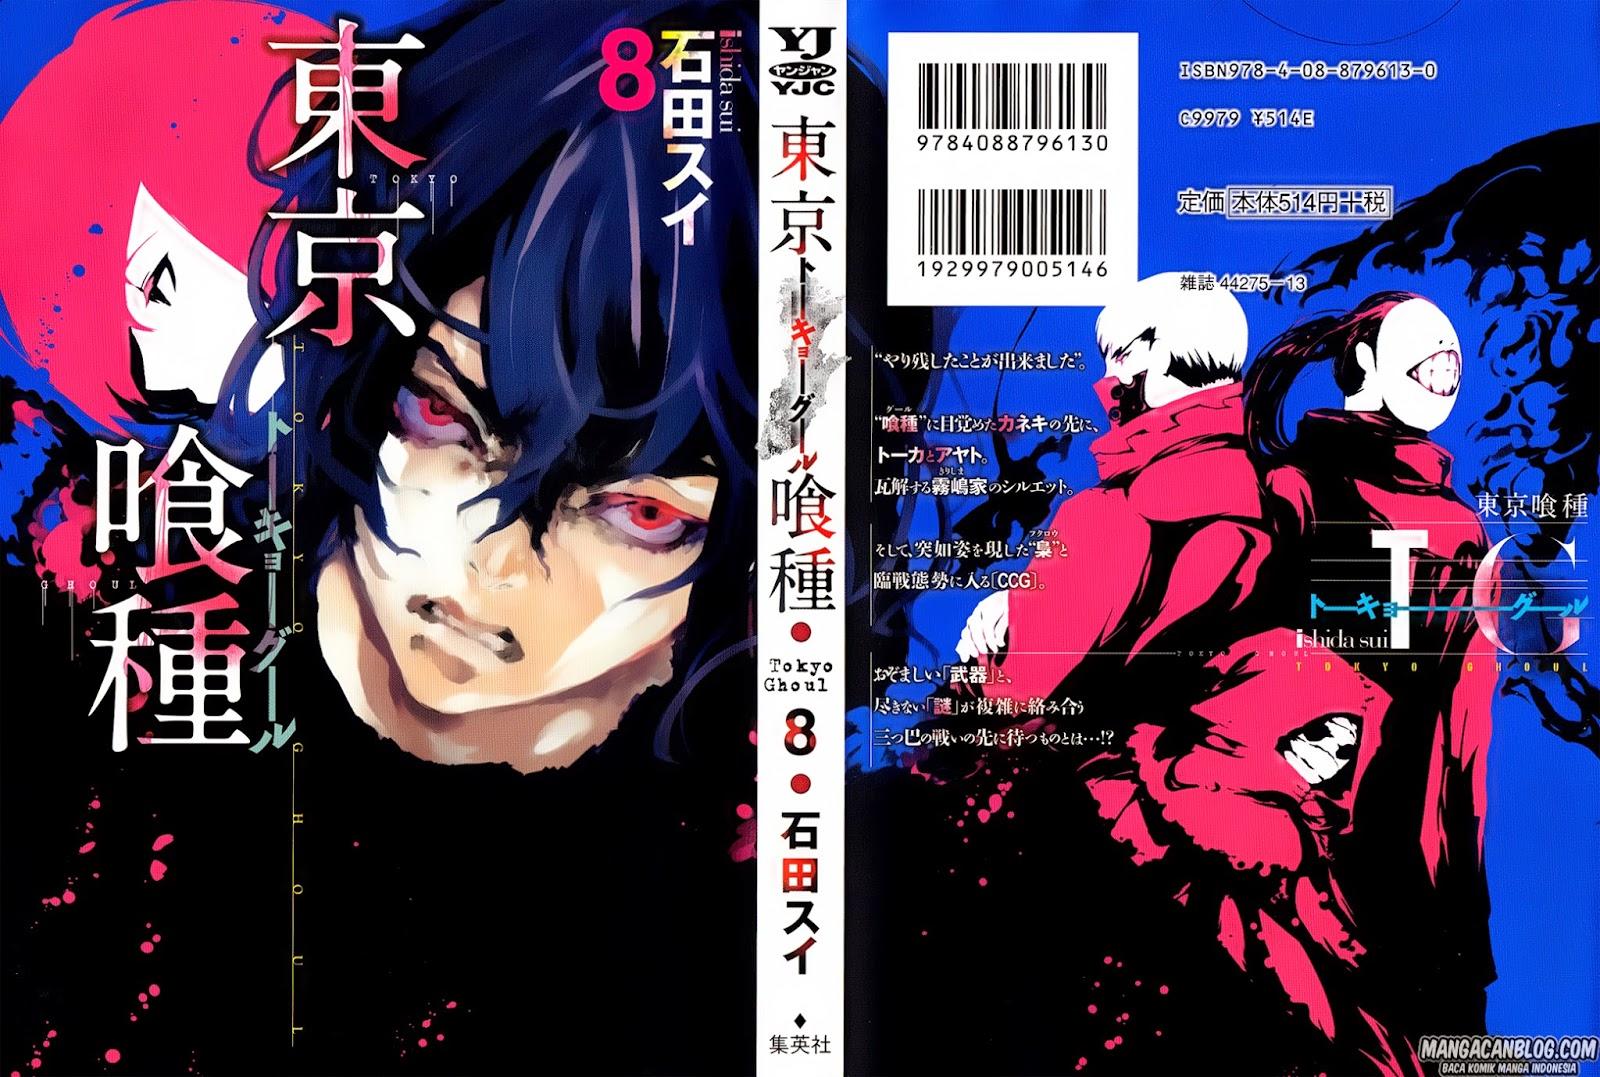 Dilarang COPAS - situs resmi www.mangacanblog.com - Komik tokyo ghoul 069 - hari itu 70 Indonesia tokyo ghoul 069 - hari itu Terbaru |Baca Manga Komik Indonesia|Mangacan